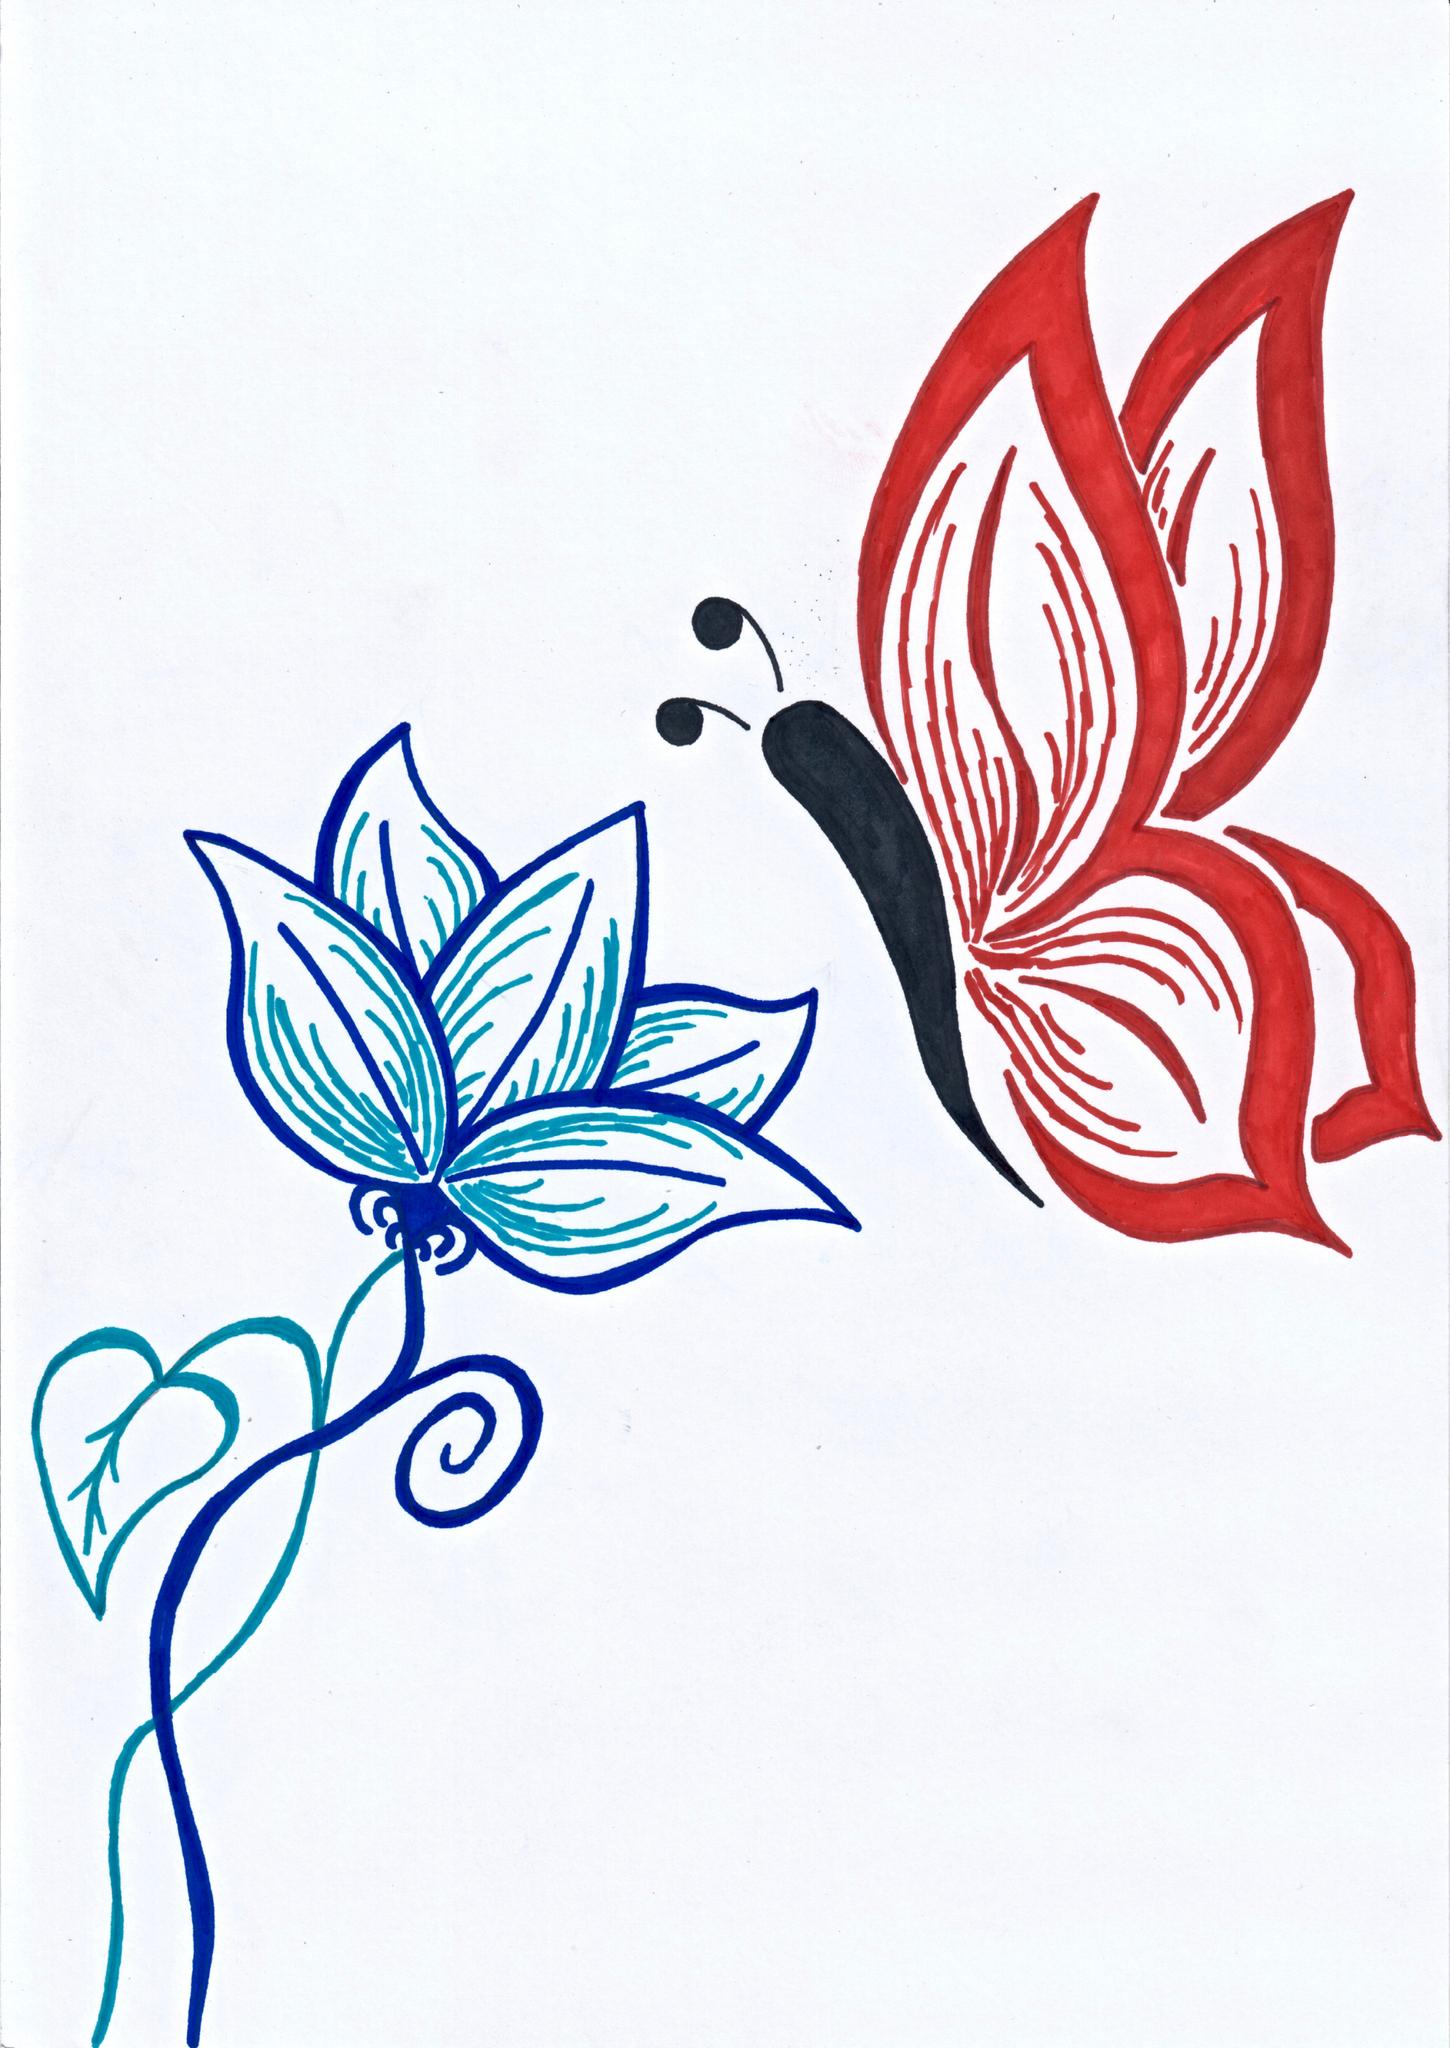 Session Dessin : Le Papillon D'art Au Japon (Jour Des 4 Ans destiné Papillon À Dessiner